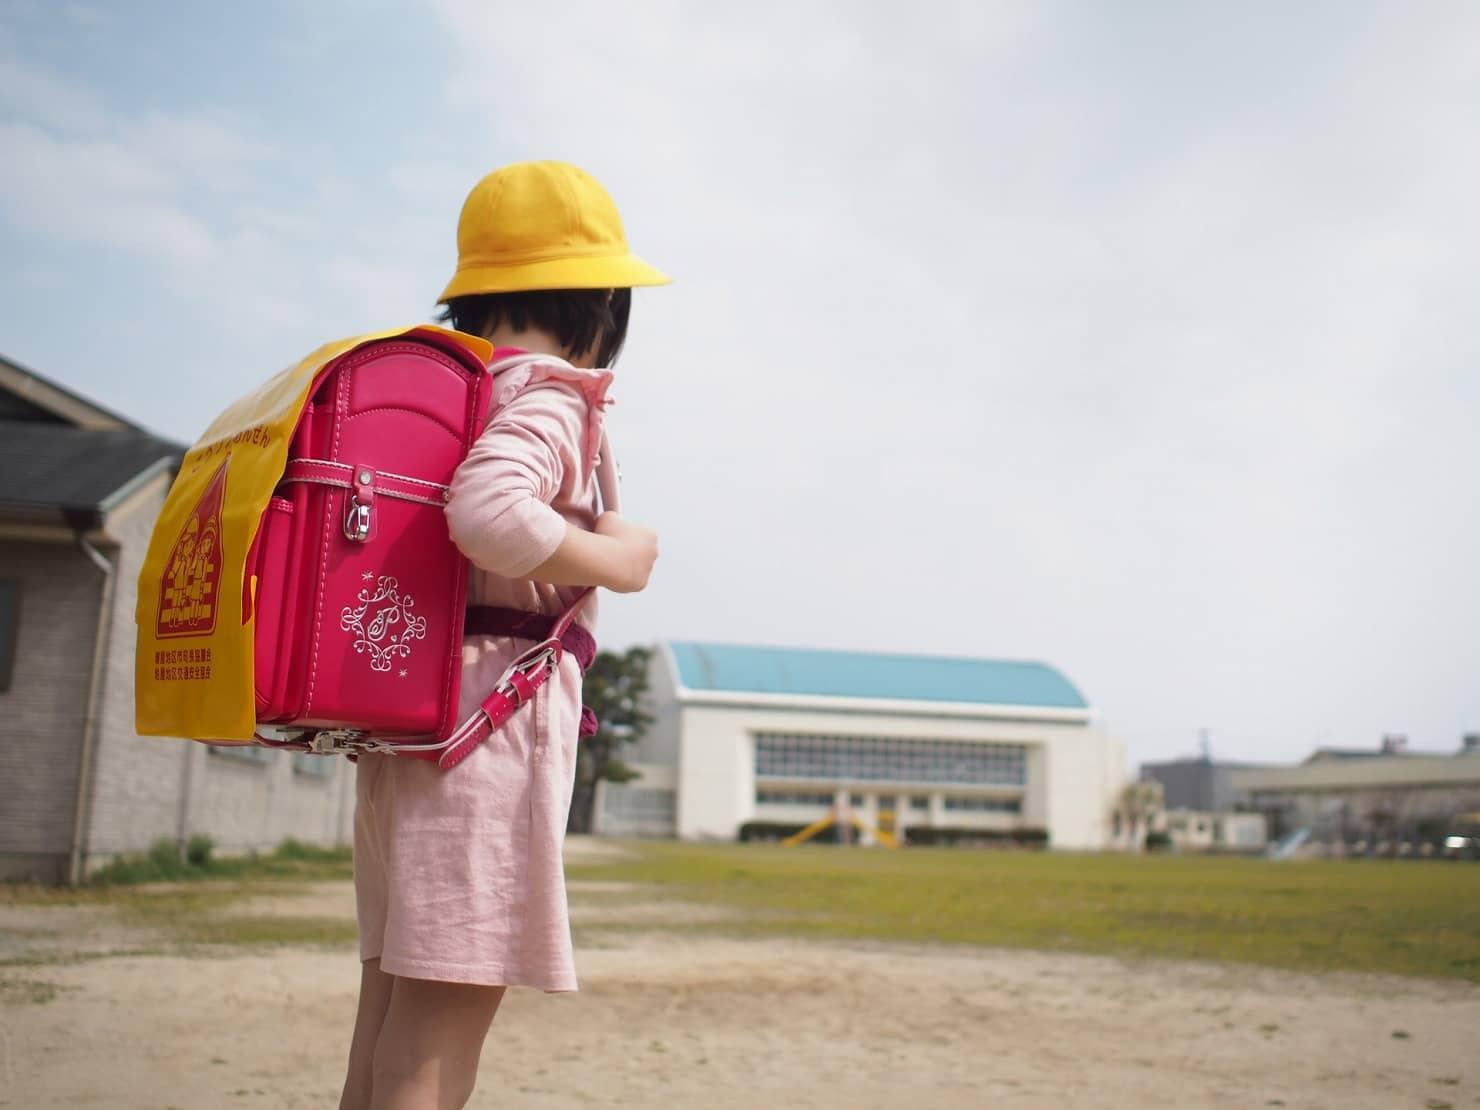 小学1年生の問題集の選び方。漢字ドリルと算数ドリルのおすすめを紹介